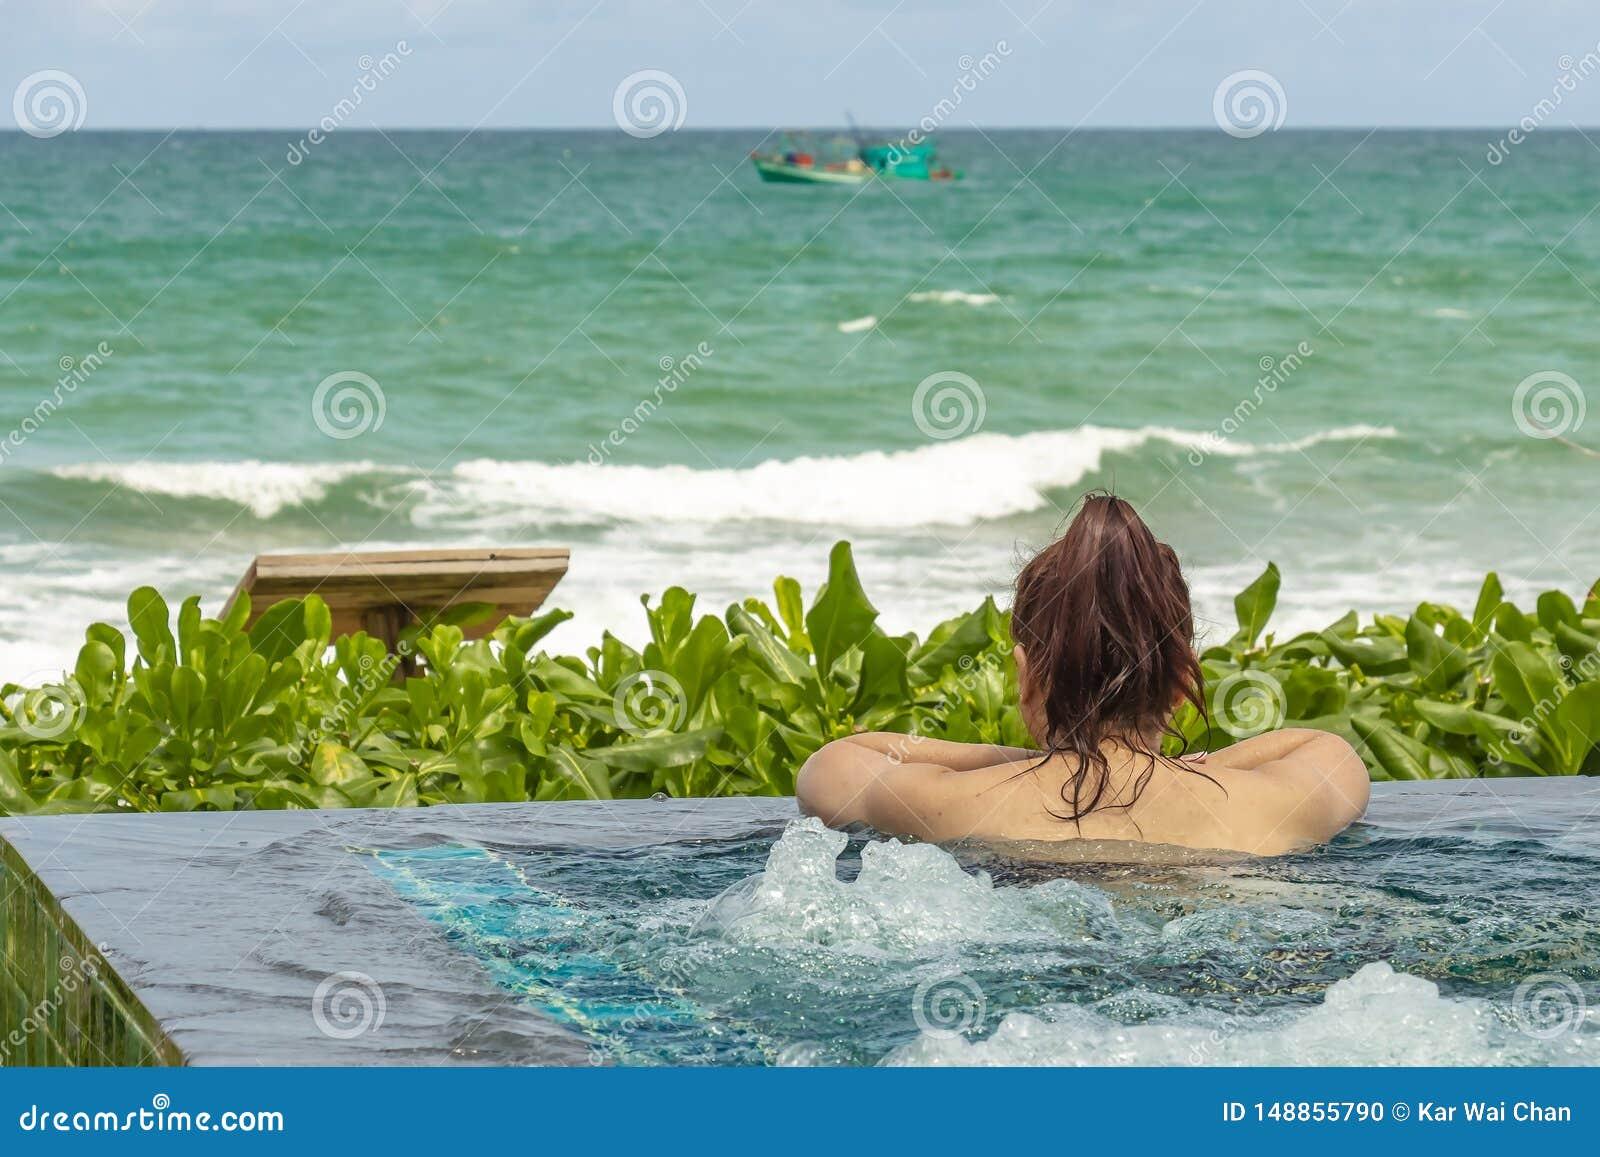 Hembra en una piscina del complejo playero que mira hacia el mar abierto